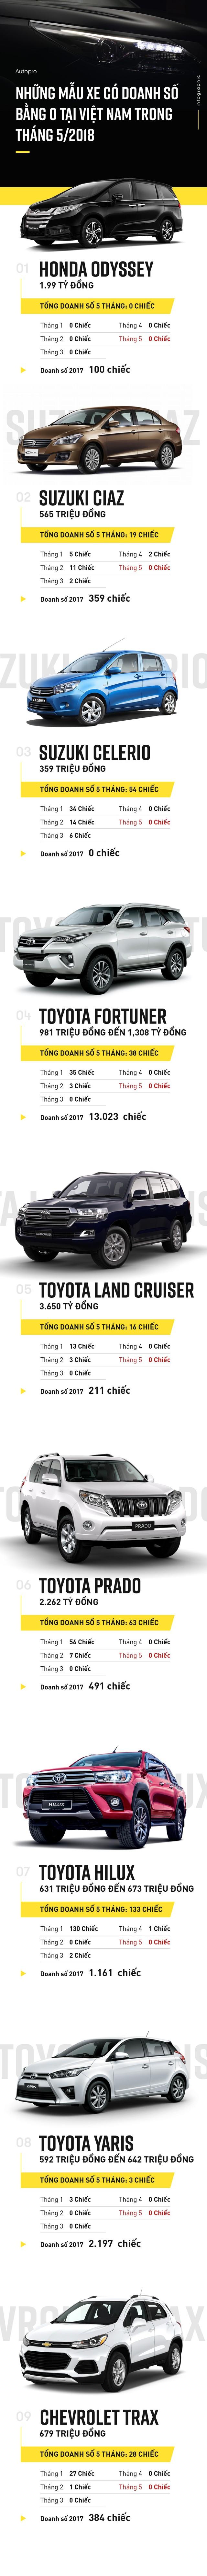 Những mẫu xe có doanh số bằng 0 tại Việt Nam trong tháng 5/2018 - Ảnh 1.